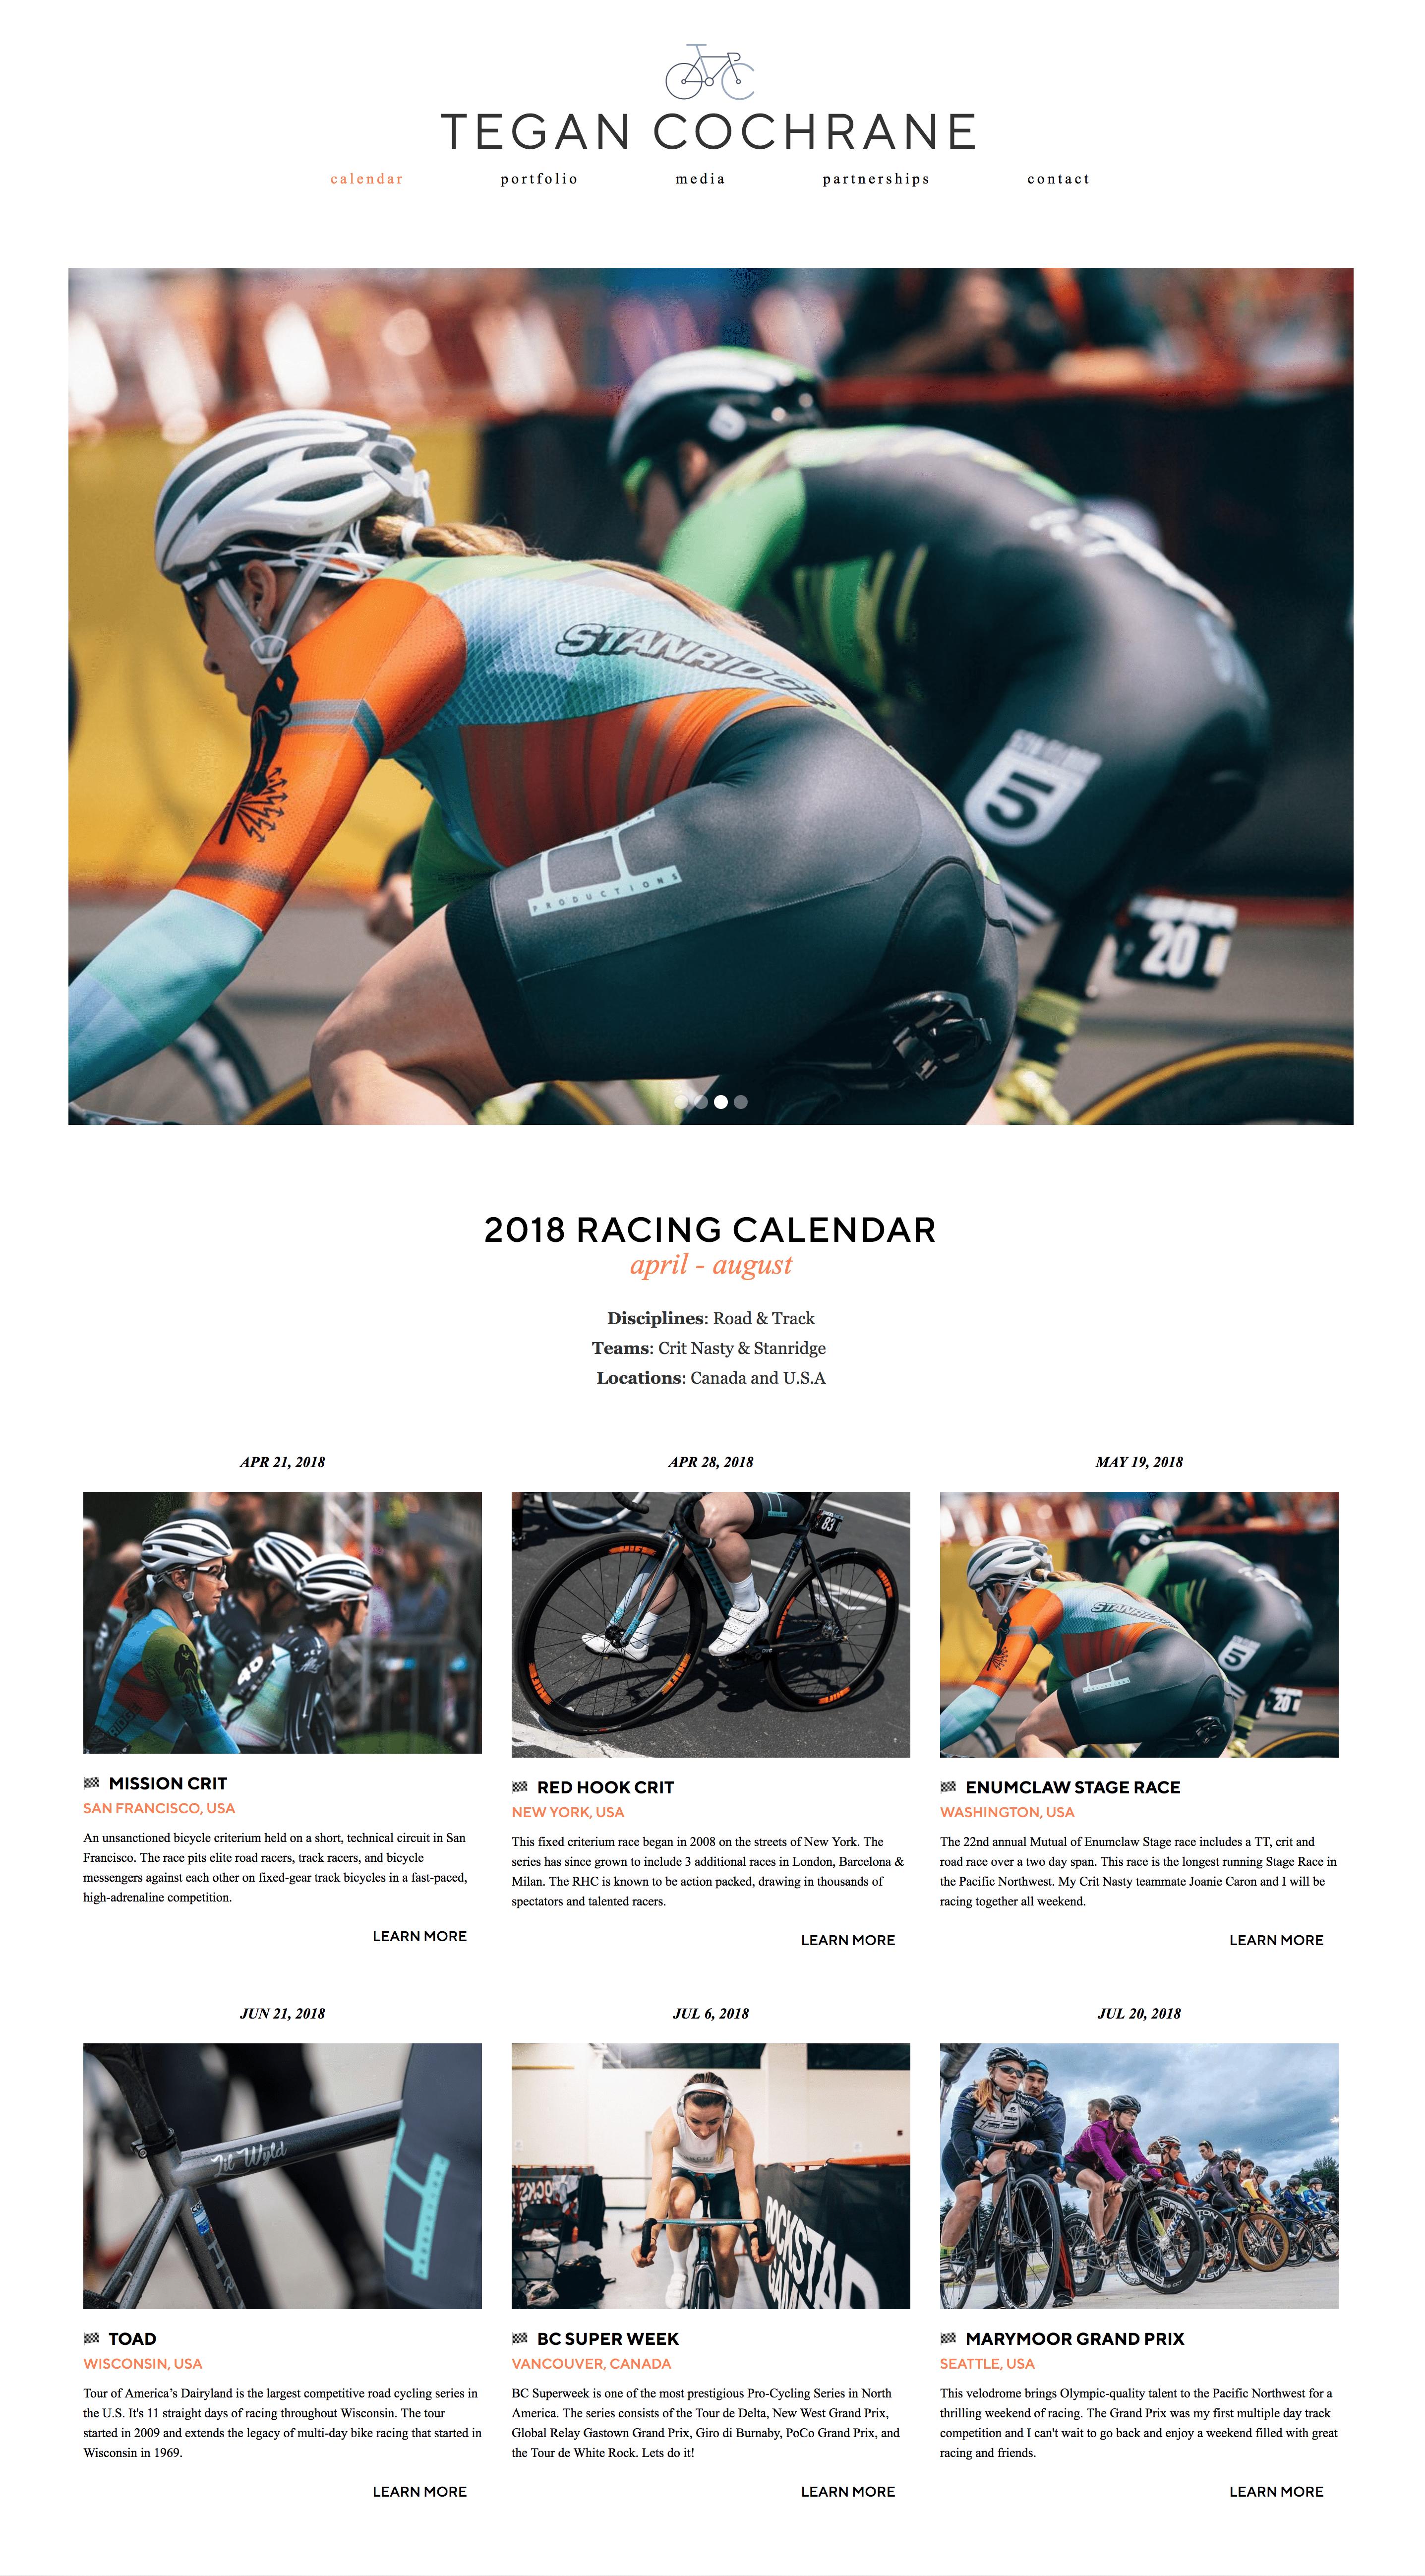 Tegan Cochrane homepage